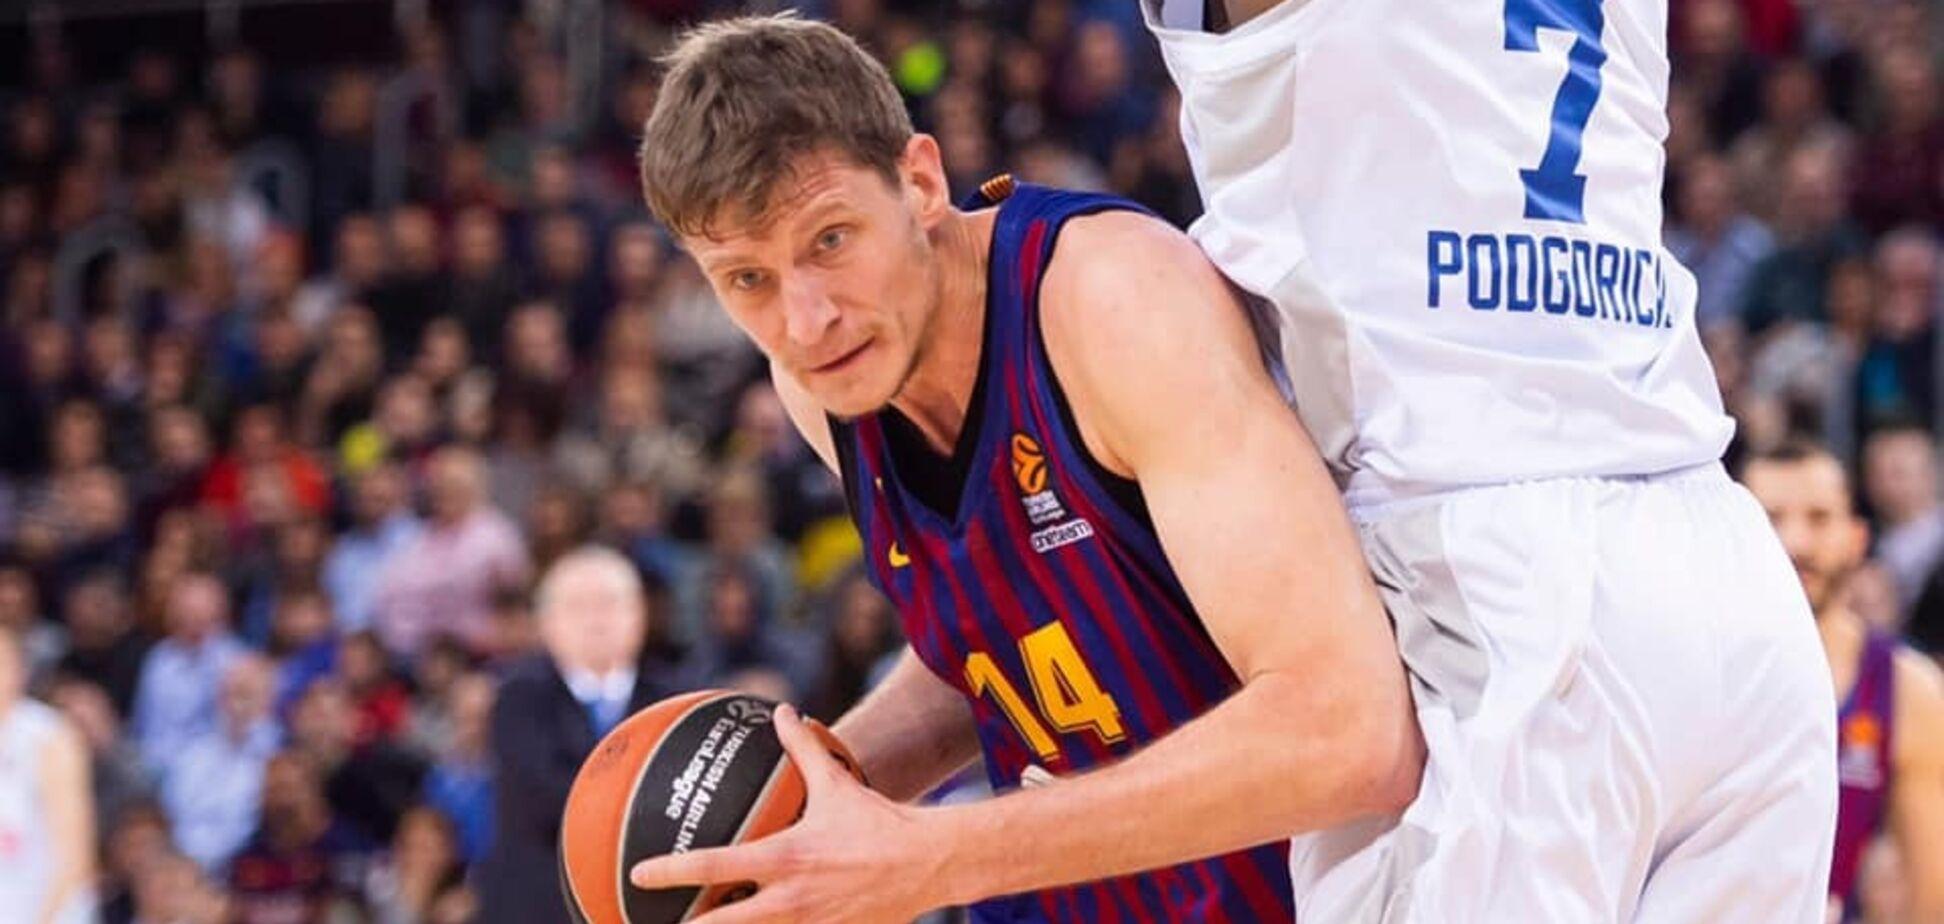 'Барселона' приняла решение о центровом сборной Украины